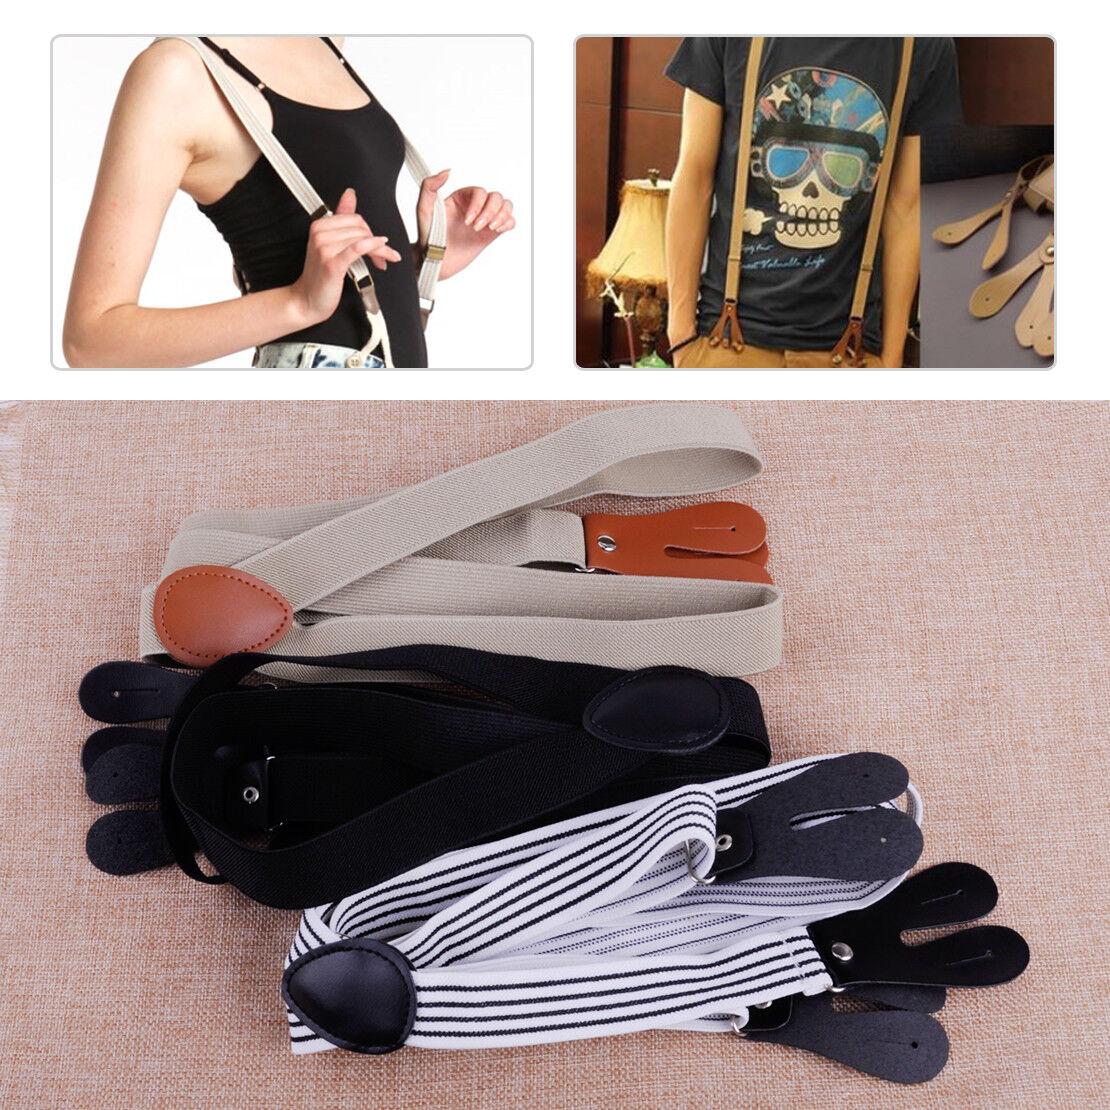 Hosenträger Knopflöcher Lederlaschen knöpfen Hose Y-Form Einknöpfen Straps